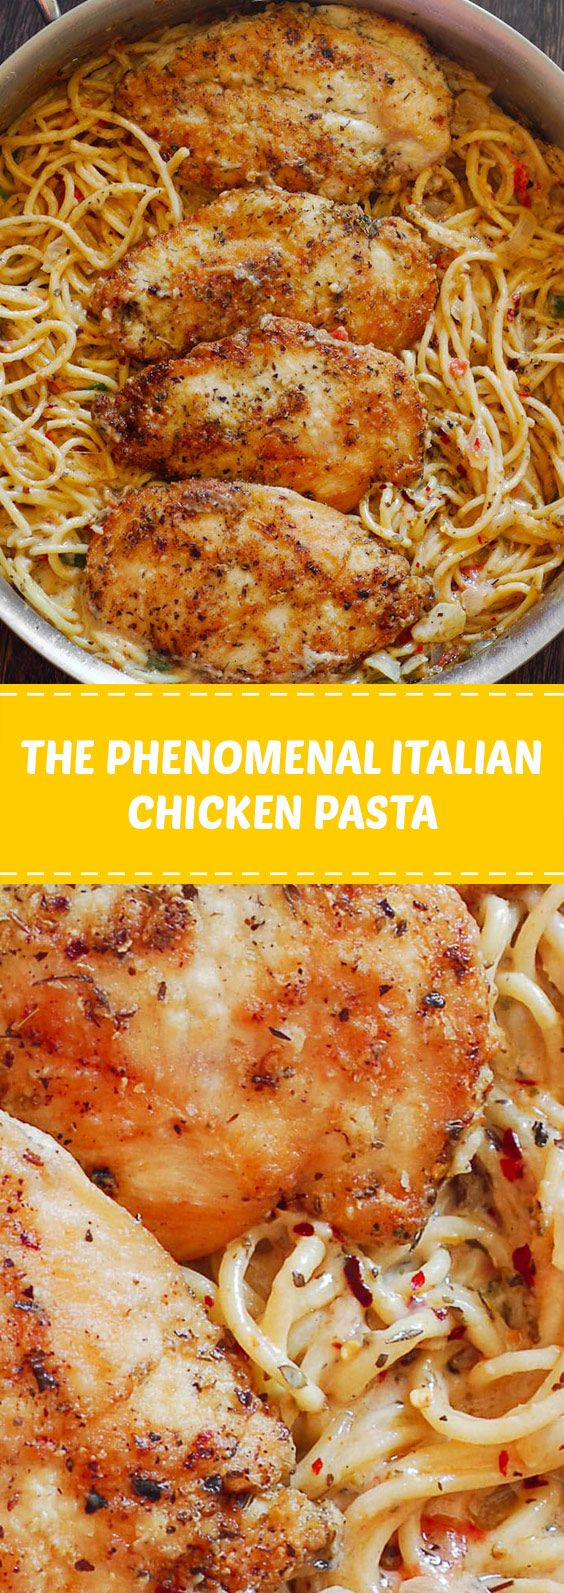 Die phänomenalen italienischen Hühnernudeln | Mit nur 30 Minuten Gesamtarbeit …